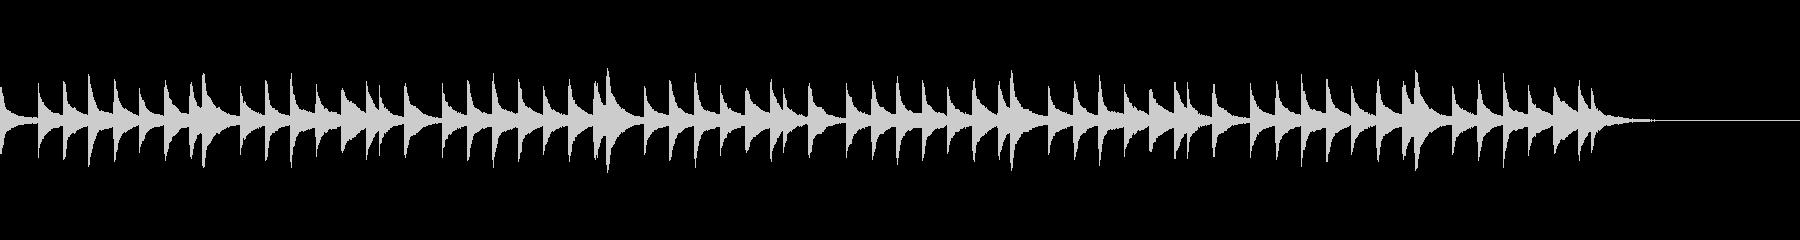 軽快で明るいクリスタルサウンドBGMの未再生の波形